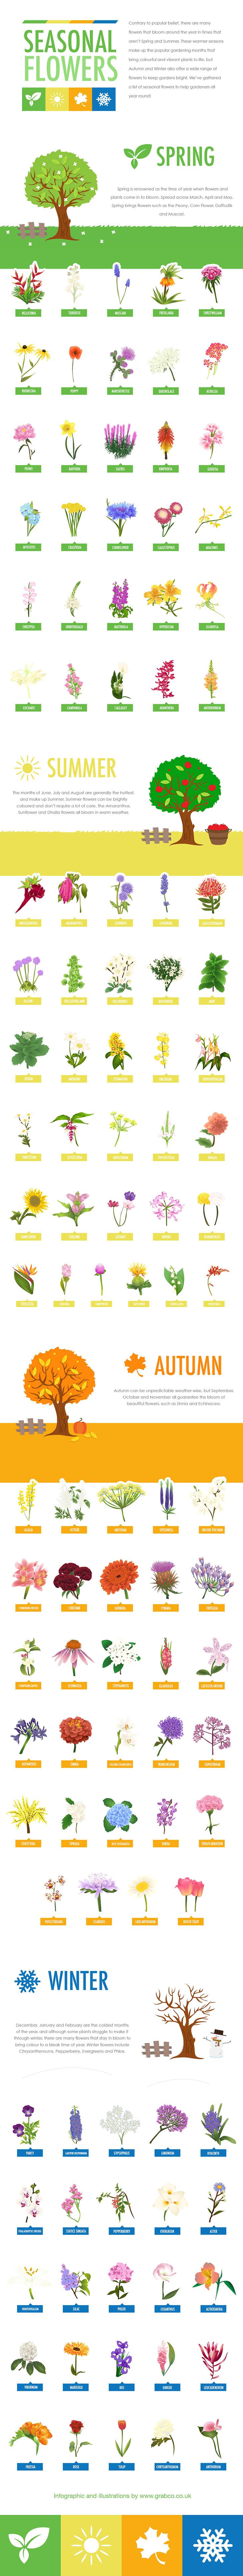 Seasonal Flowers Guide